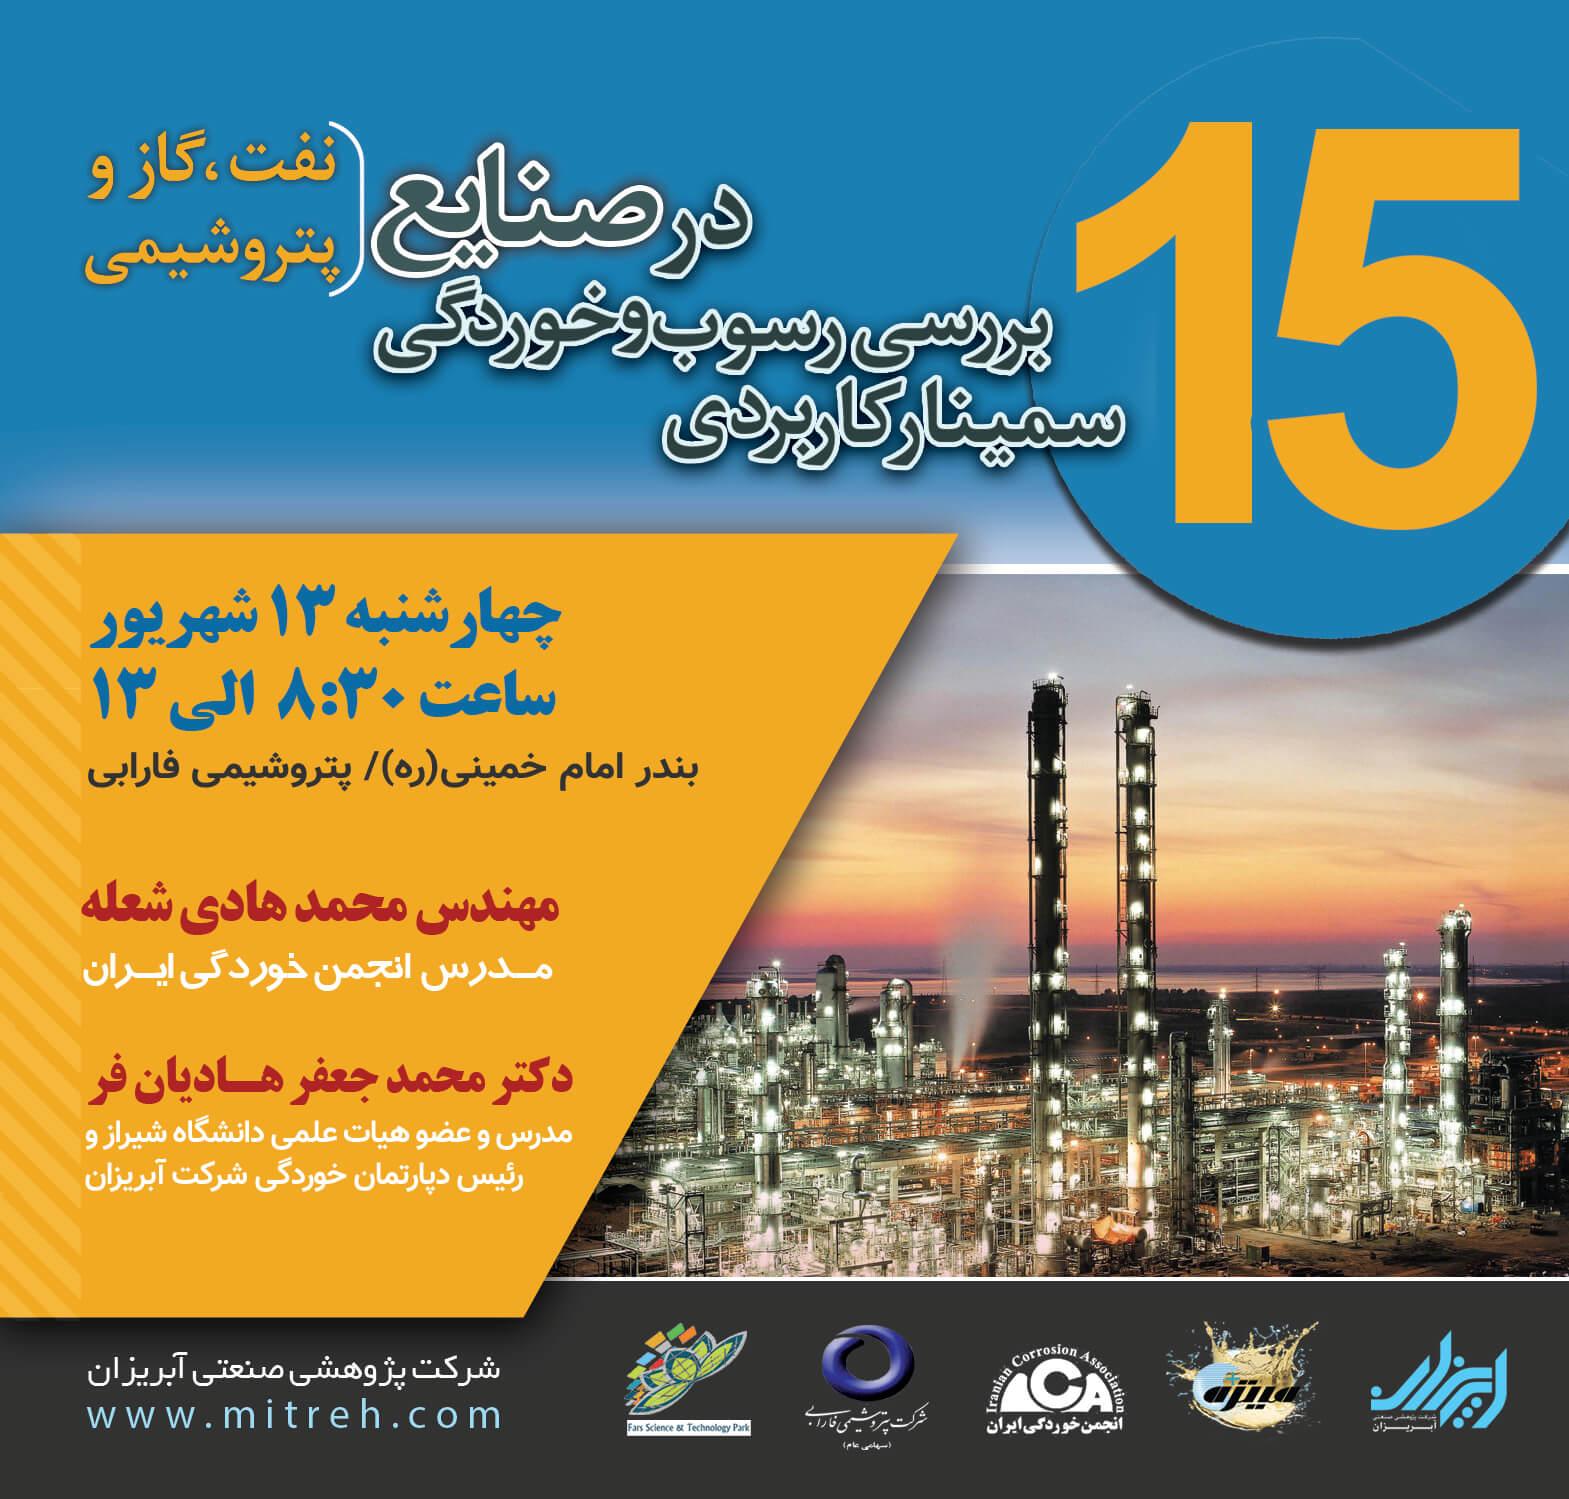 پانزدهمین سمینار بررسی رسوب و خوردگی در صنایع نفت، گاز و پتروشیمی